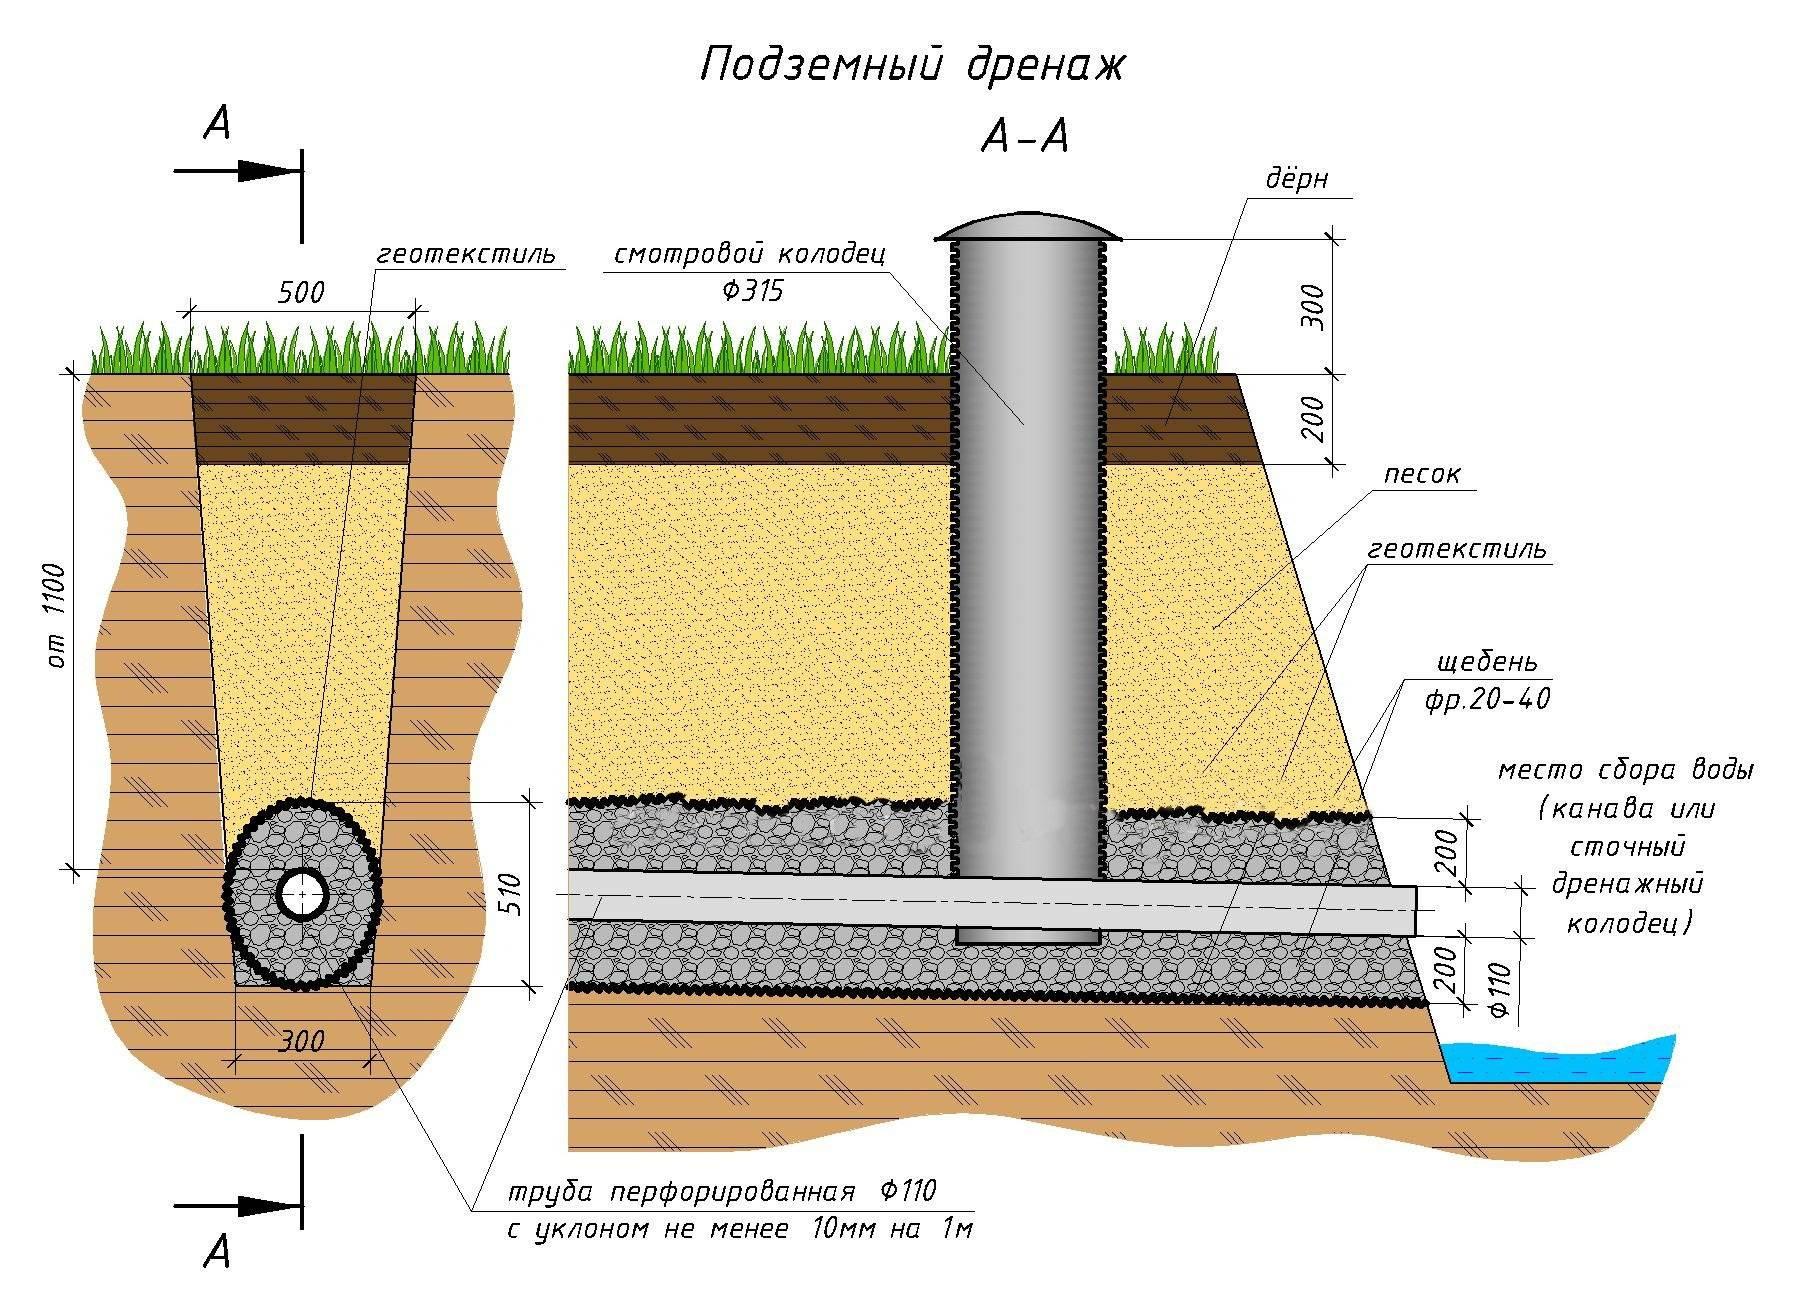 Дренажная система водоотведения – варианты устройства